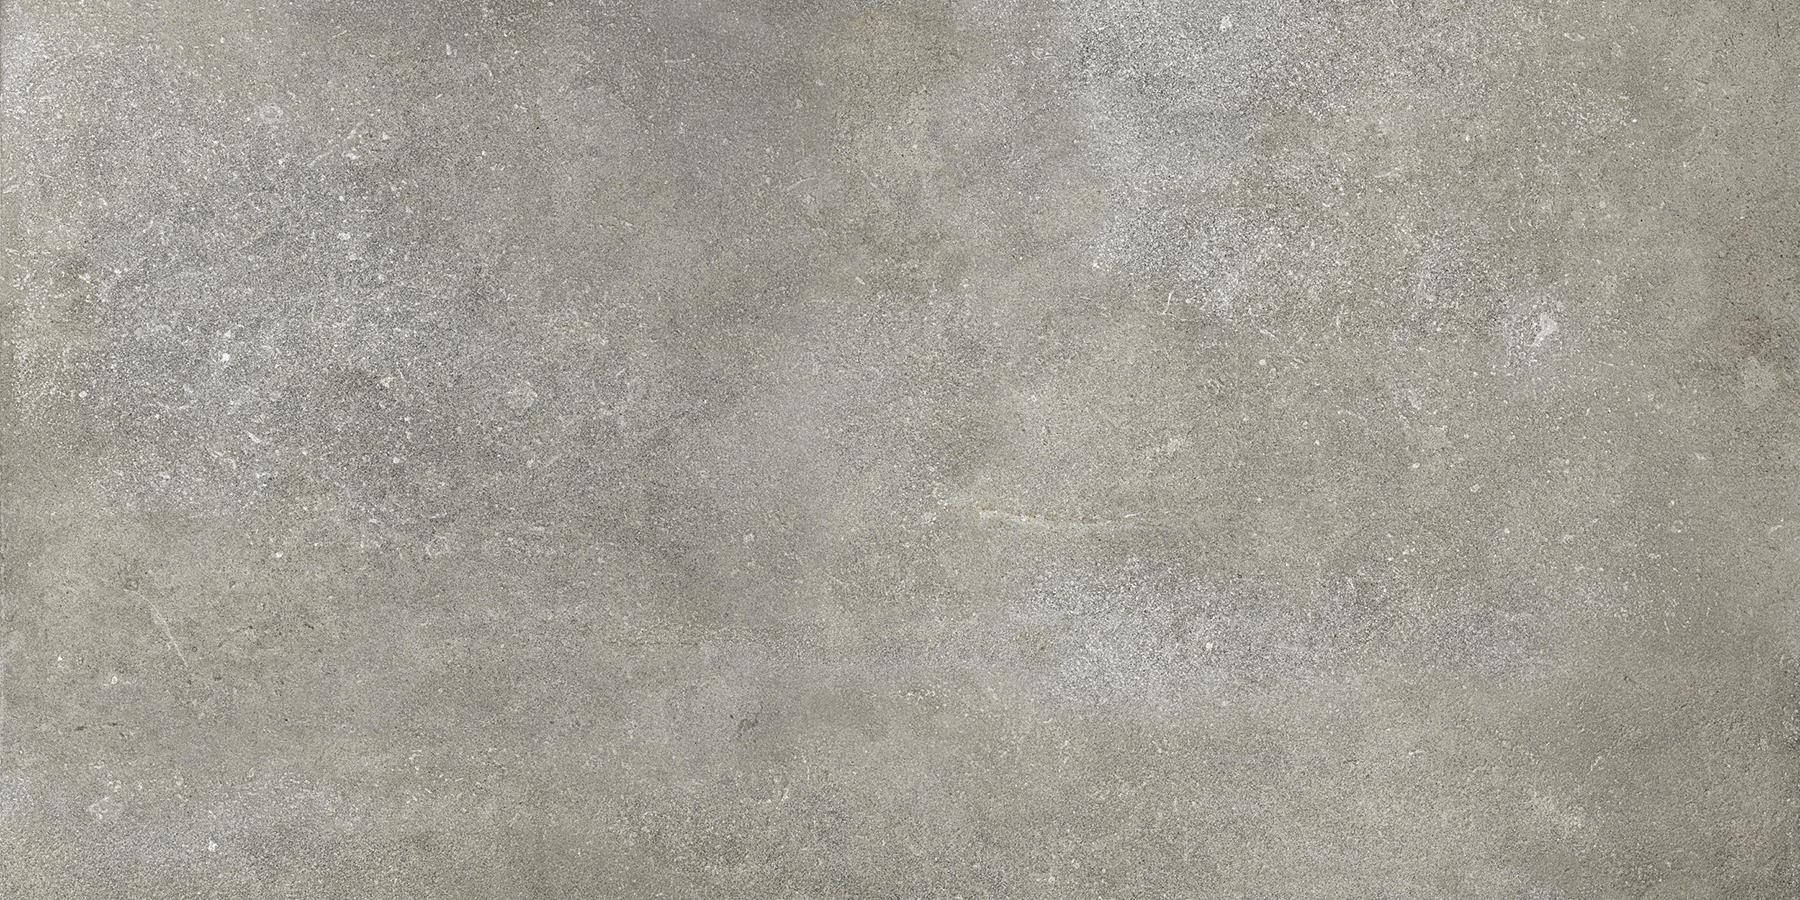 DEL CONCA Anversa HAV205 scav05r Terrassenplatte 60x120 matt